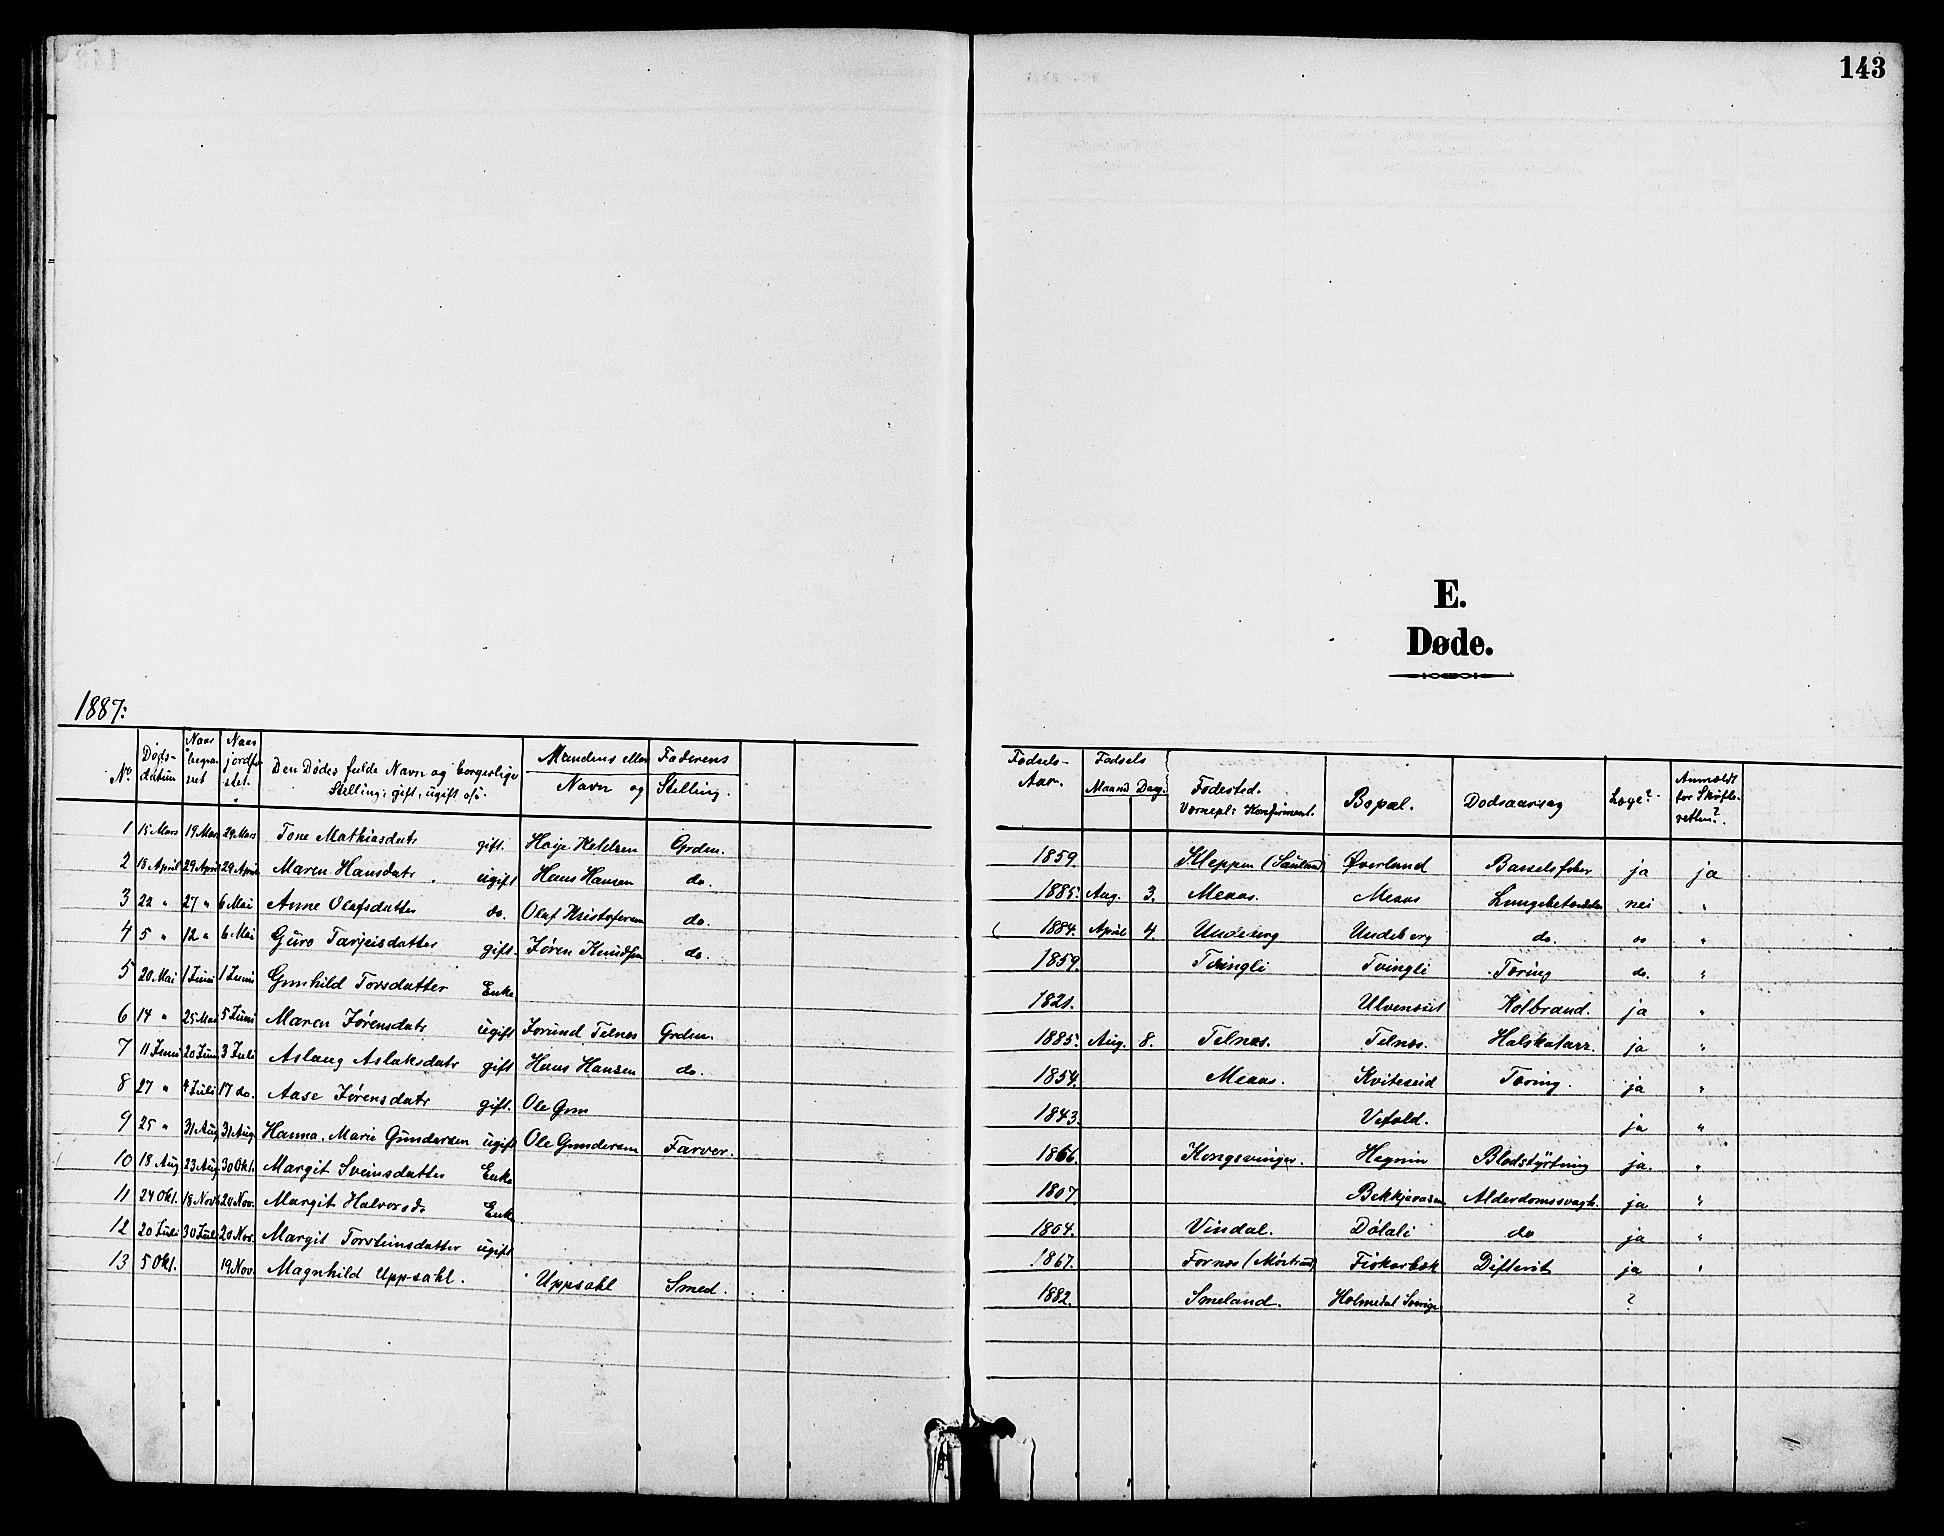 SAKO, Seljord kirkebøker, G/Ga/L0005: Klokkerbok nr. I 5, 1887-1914, s. 143